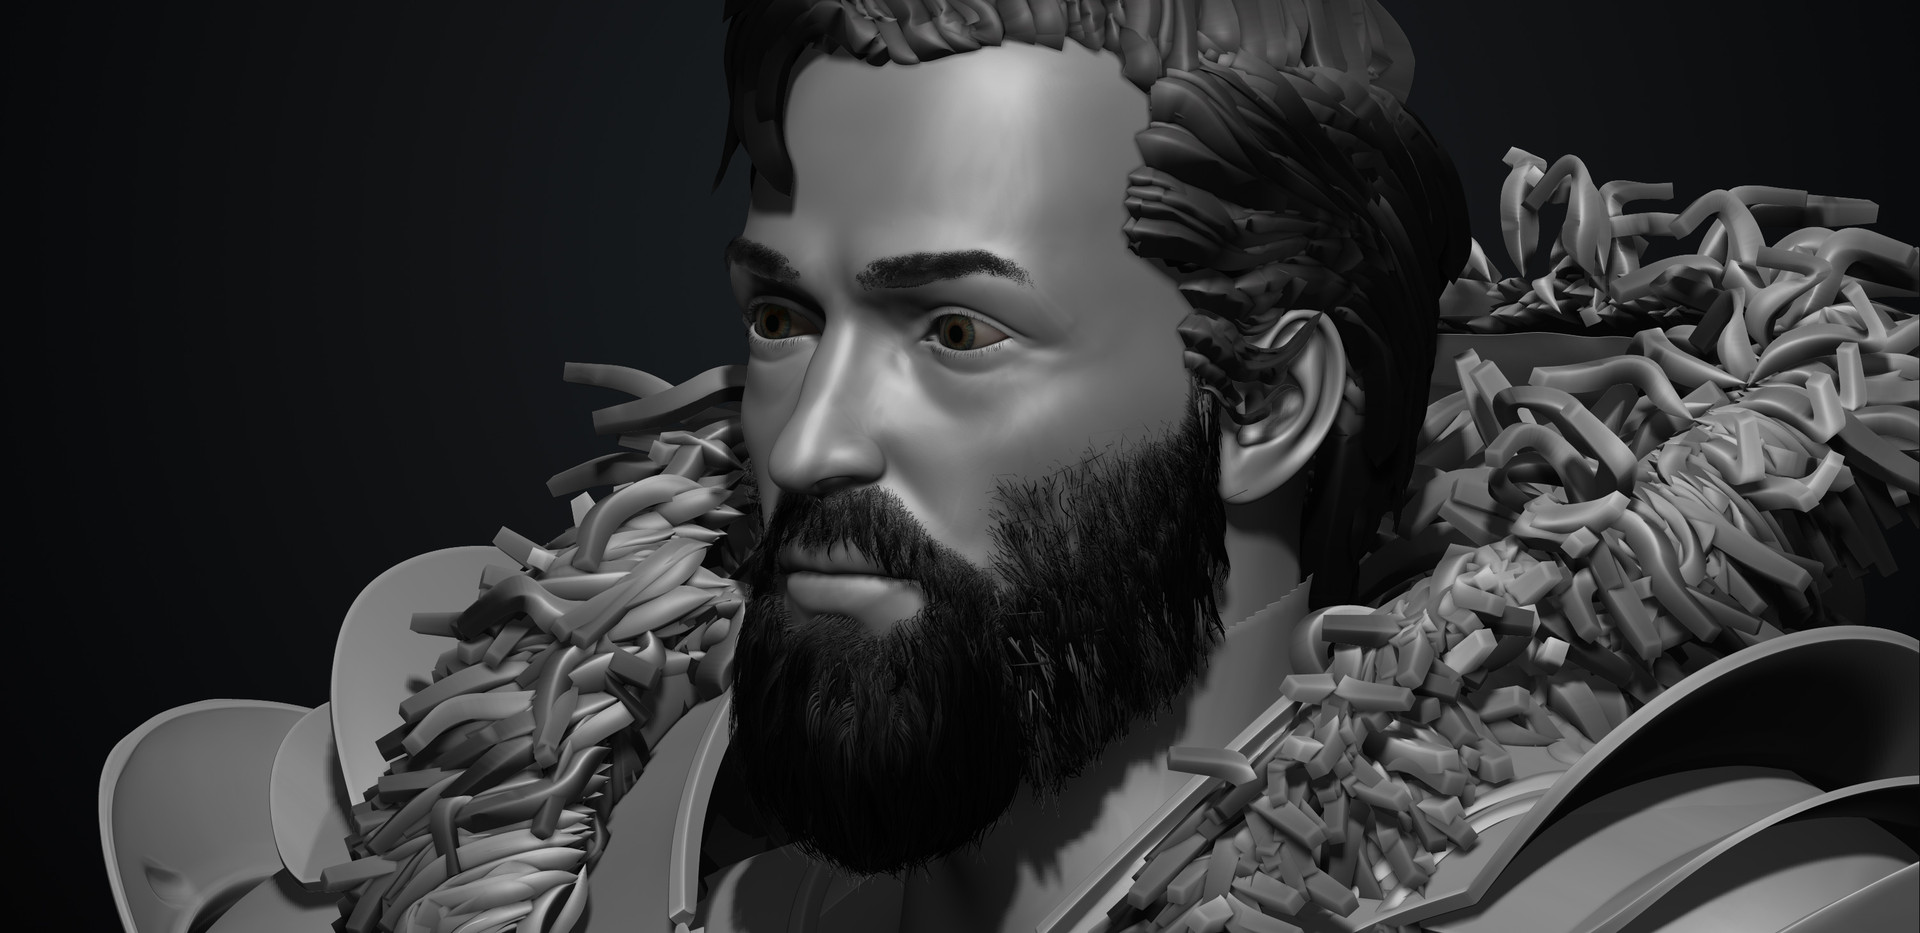 knight_face_02.jpg